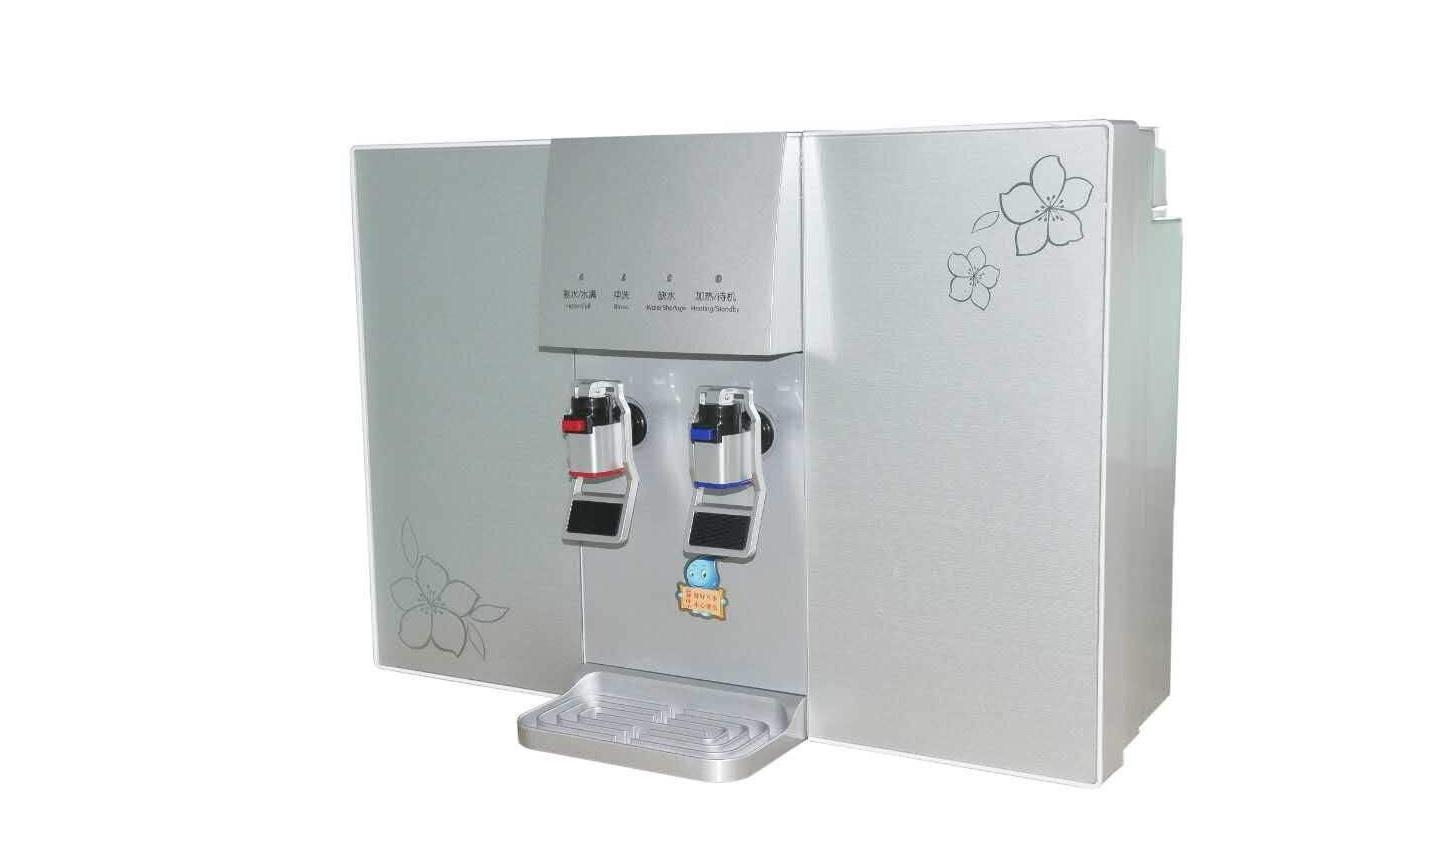 陆丰市碣石人民医院生化用水纯水机等仪器设备采购项目招标